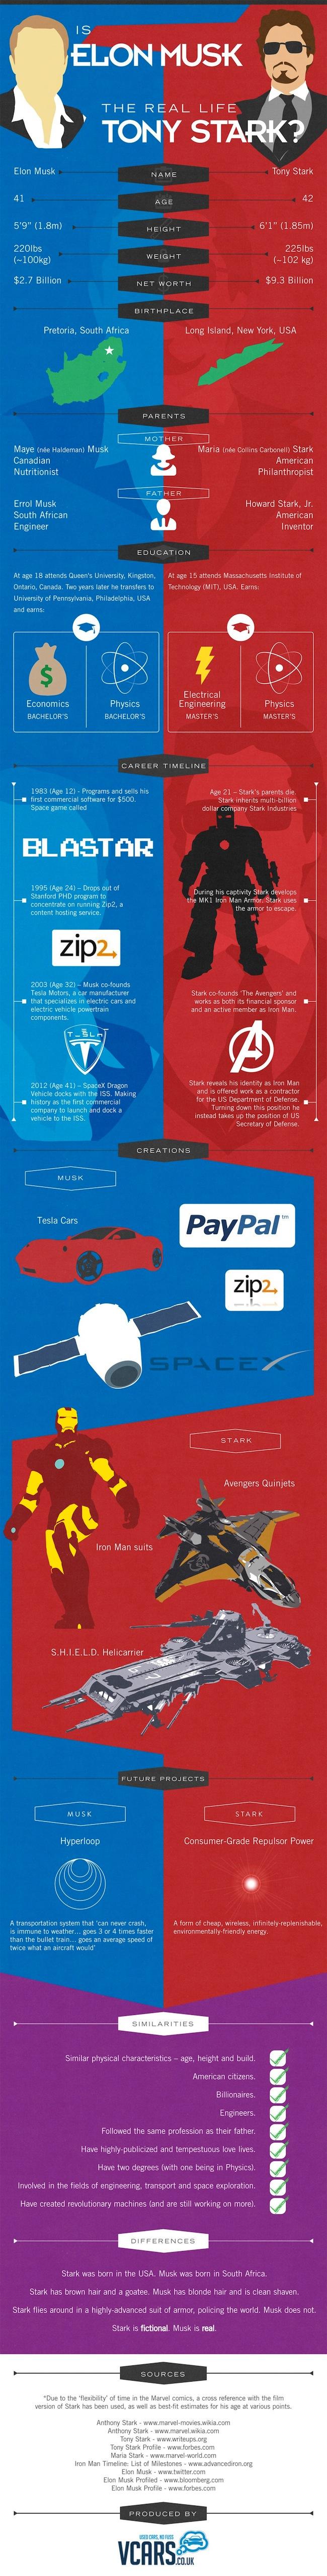 Tony-Stark-Elon-Musk-Mashable